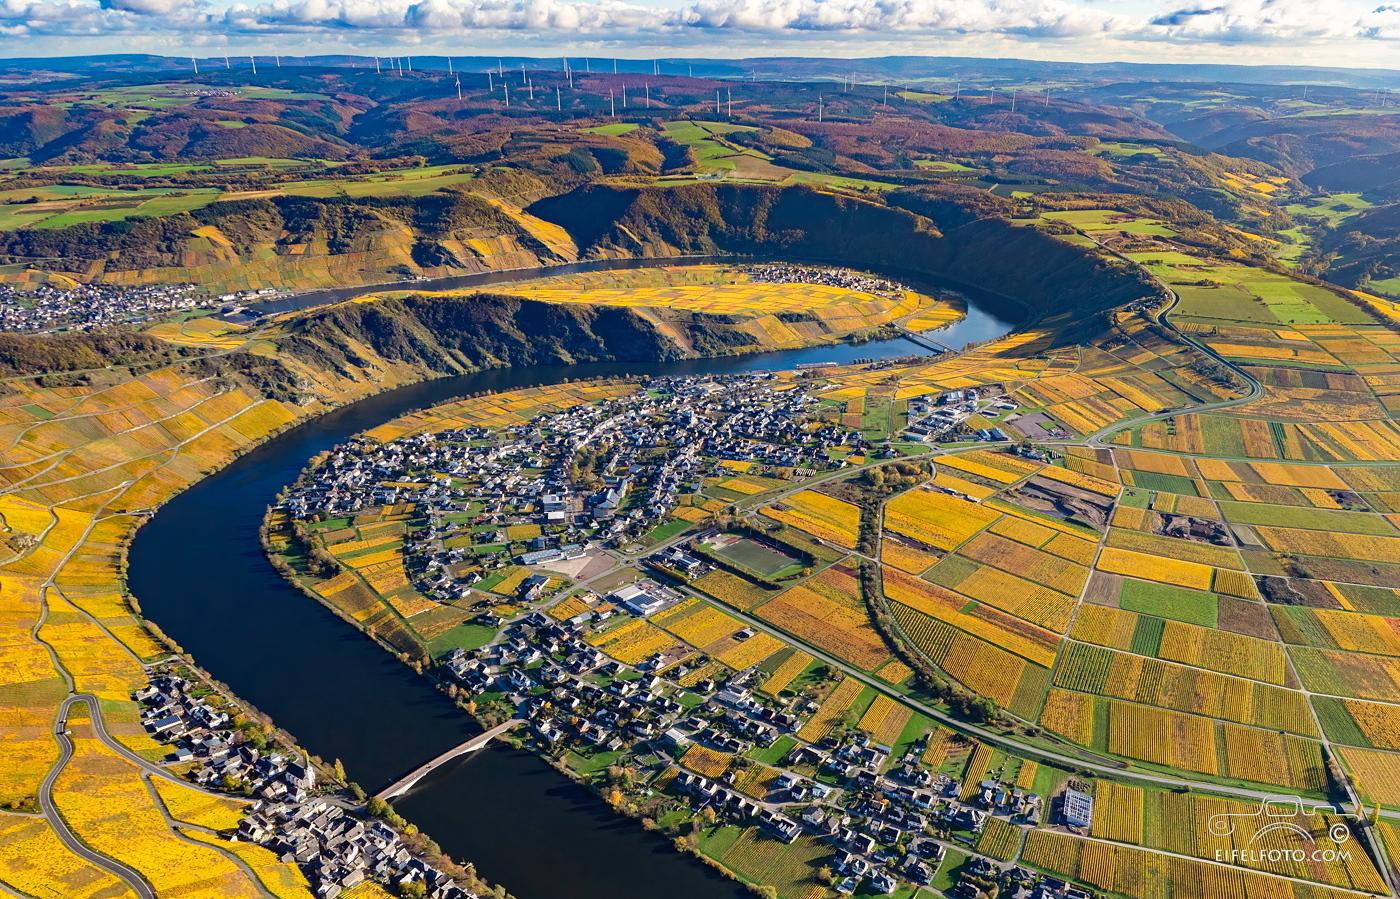 Luftbild: Die Weinorte Piesport und Niederemmel